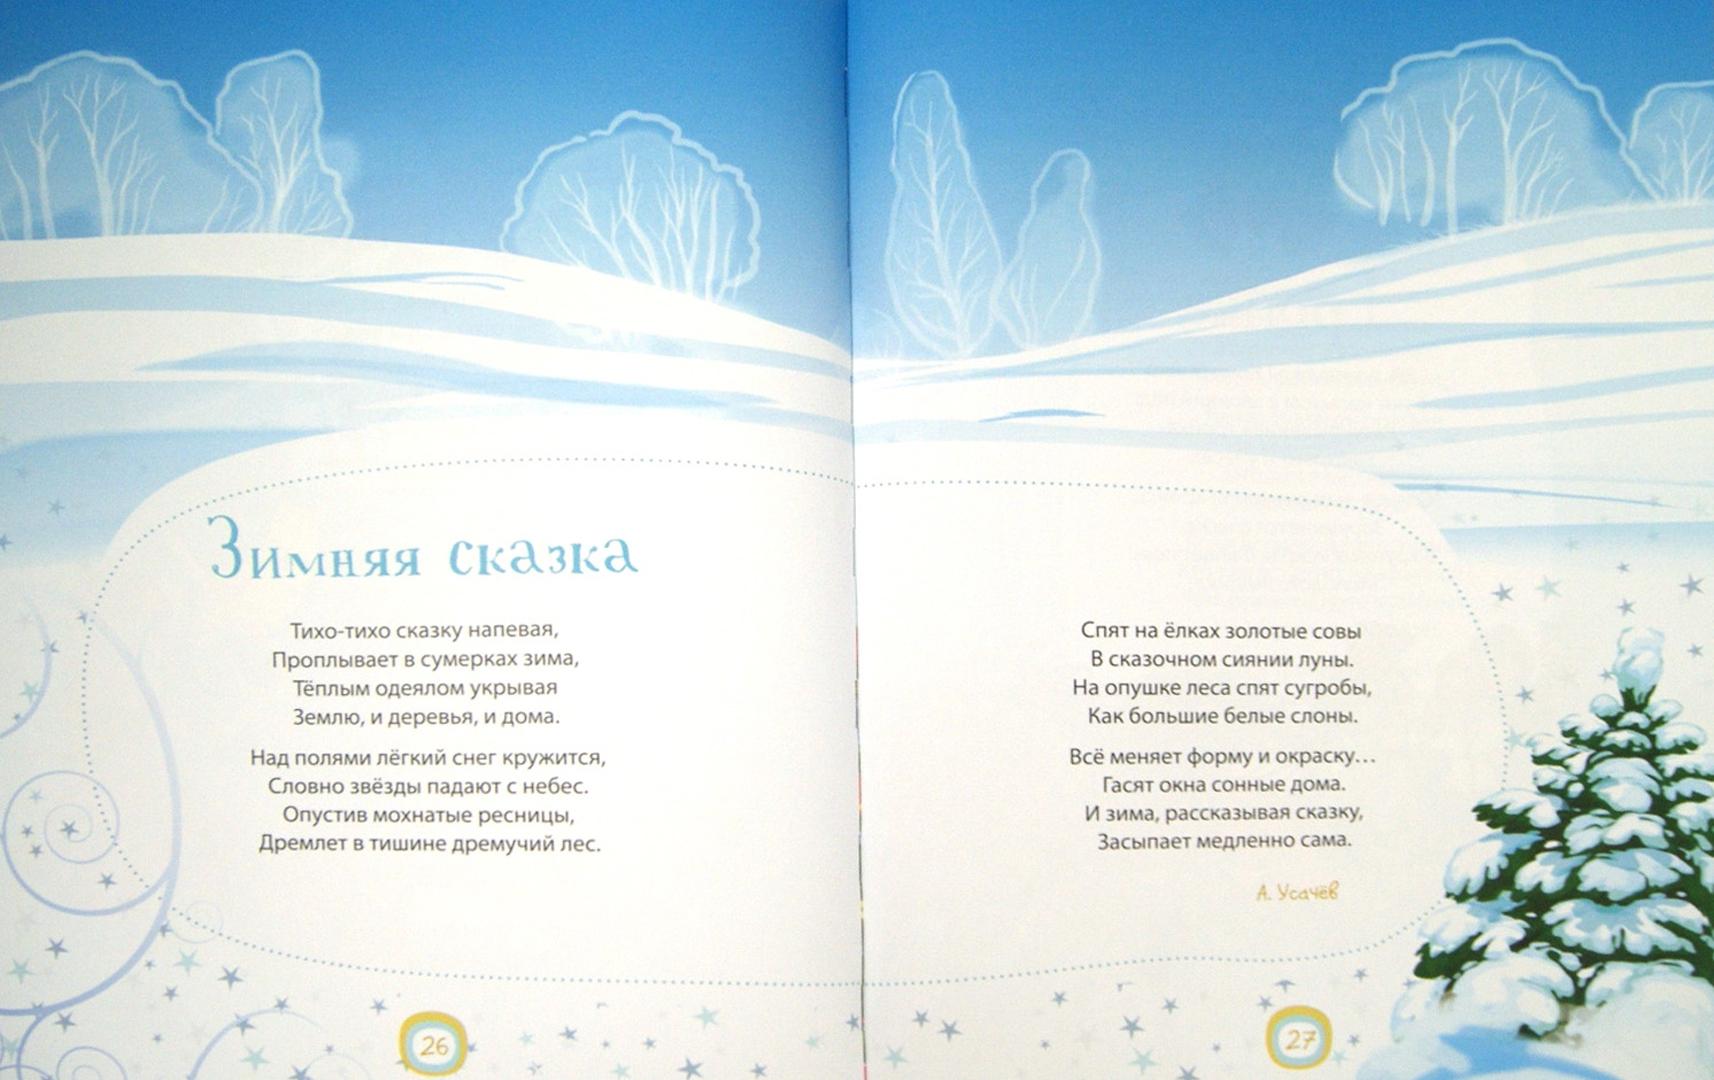 Иллюстрация 1 из 37 для Большая книга новогодних стихов и сказок - Усачев, Фет, Высотская   Лабиринт - книги. Источник: Лабиринт